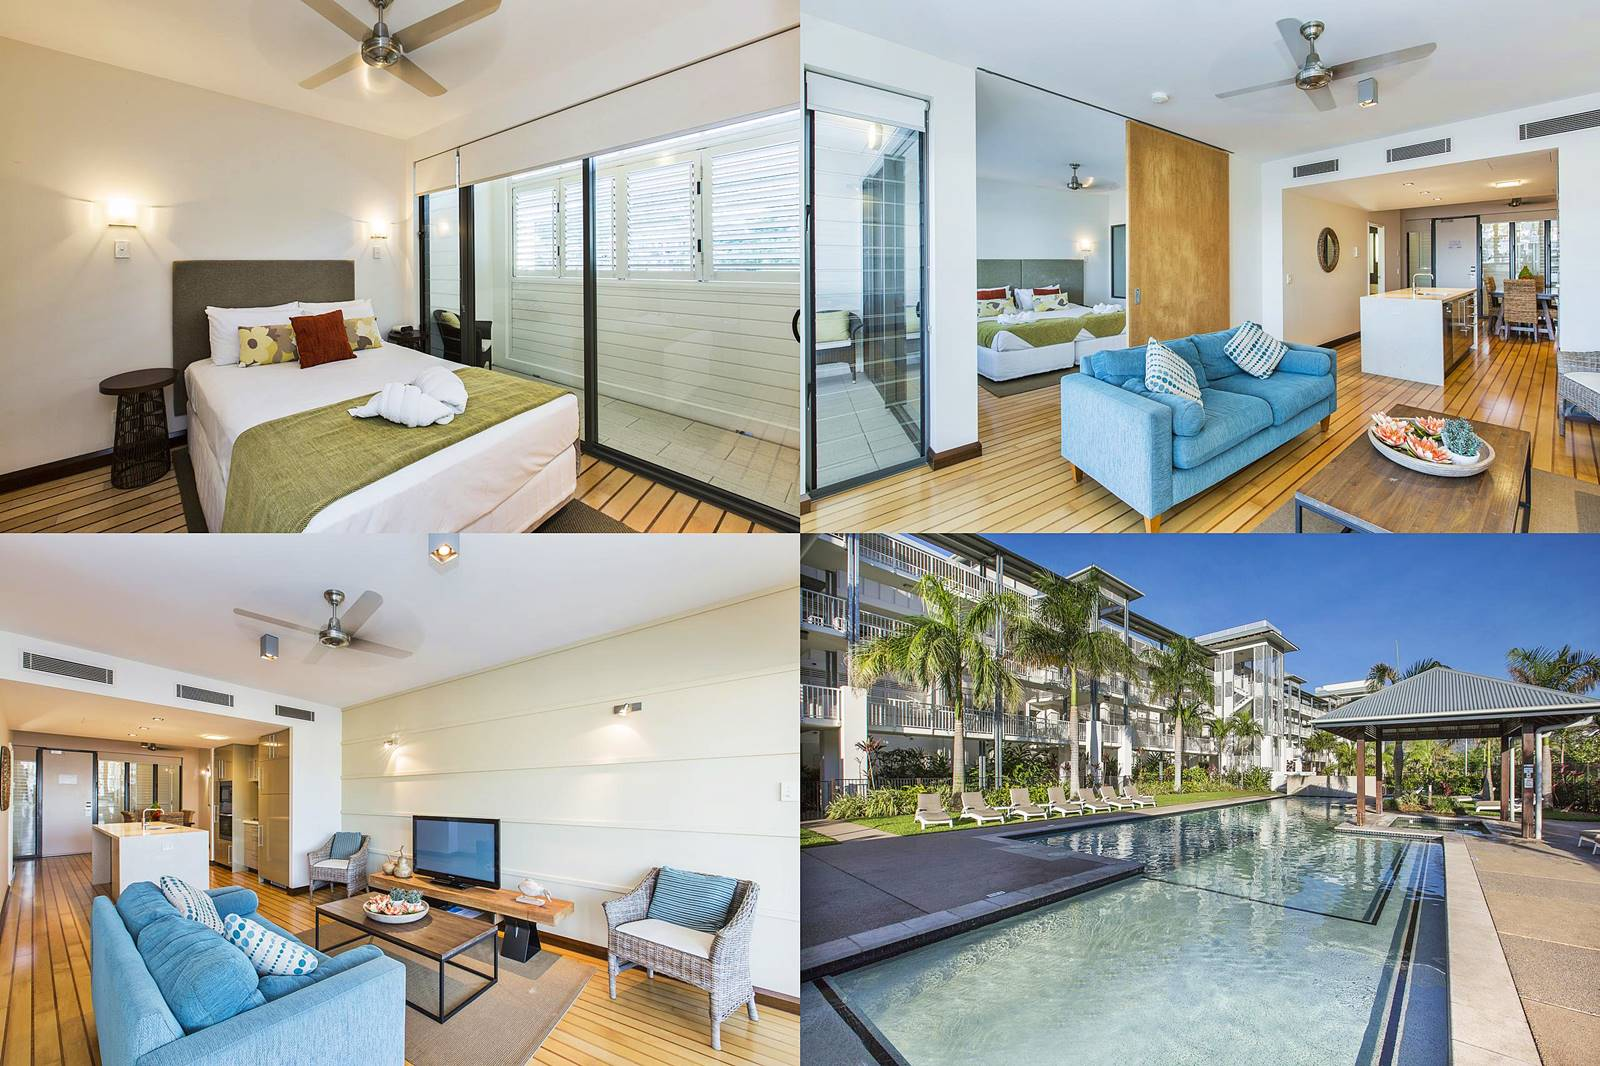 聖靈群島-艾爾利海灘-Airlie-Beach-住宿-推薦-Boathouse-飯店-旅館-酒店-民宿-公寓-市區-自由行-便宜-CP值-澳洲-Best-Hotel-Whitsundays